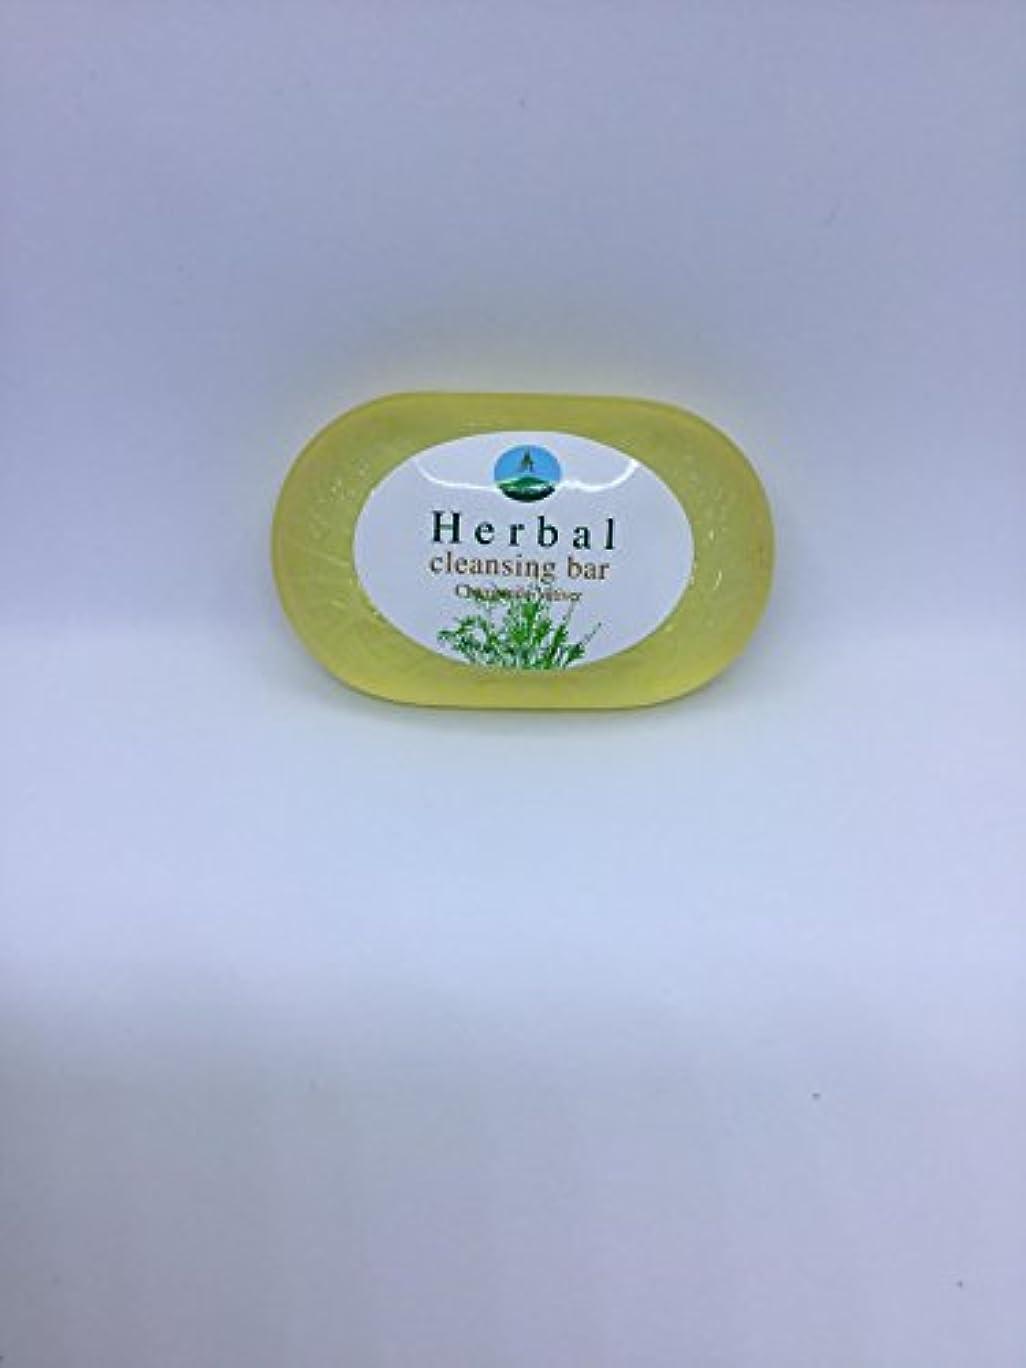 セーターキノコ歴史家Herbal cleansing Bar Chamomile-Vetiver